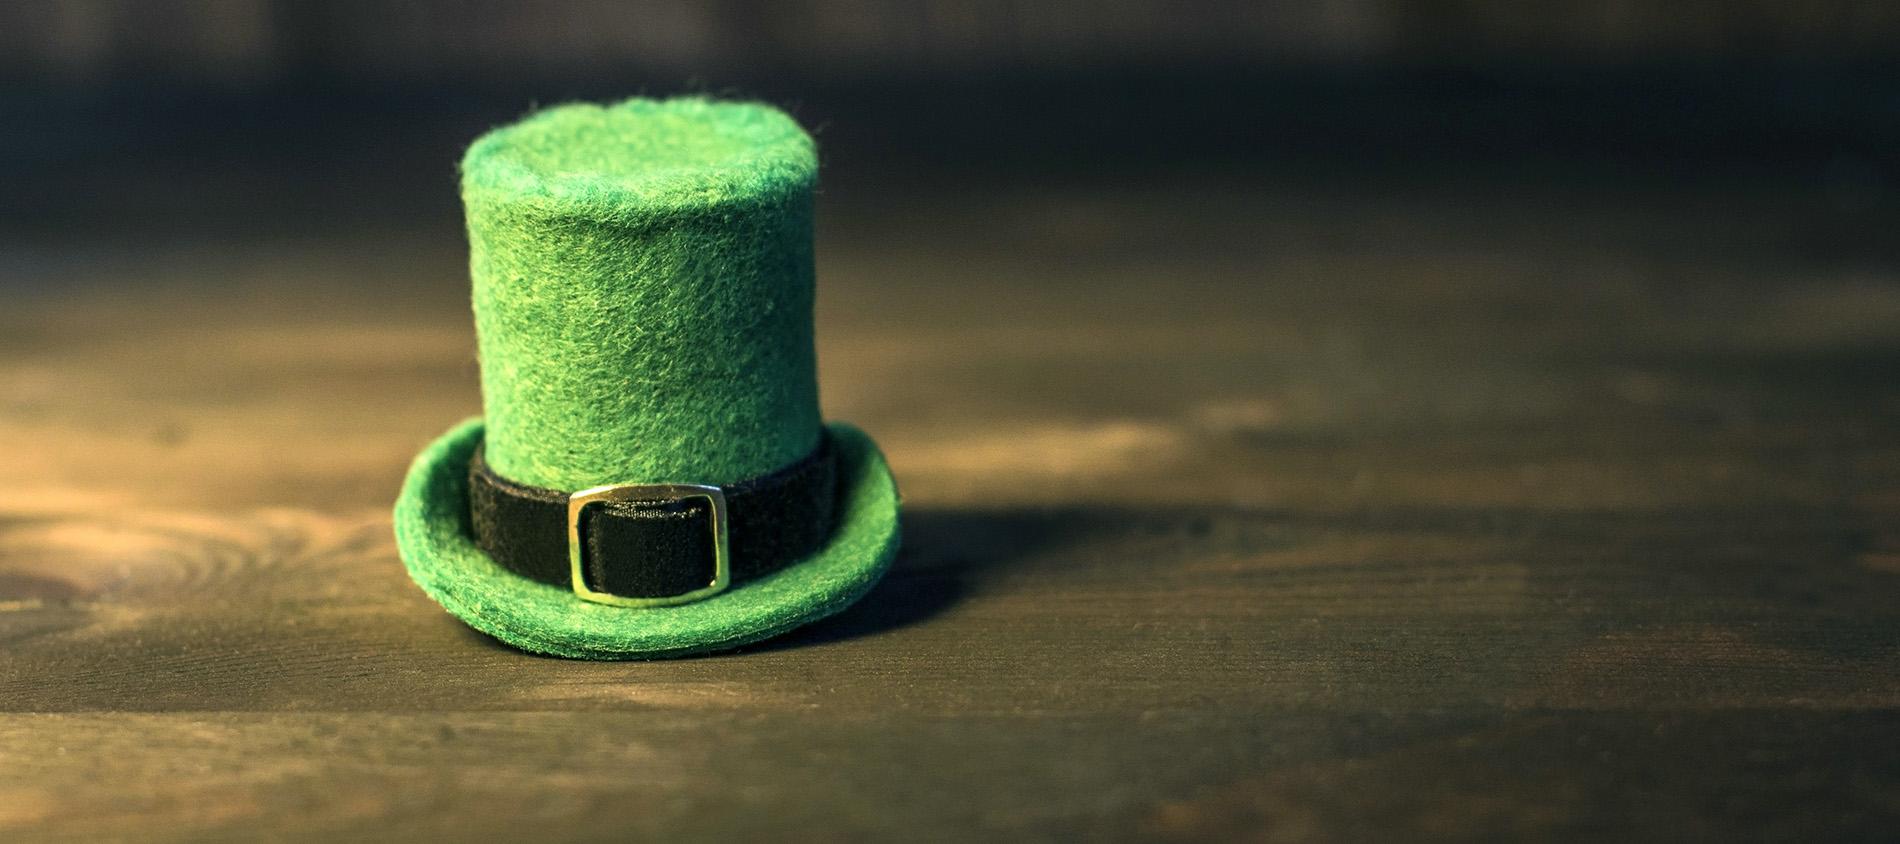 Aumenta tu productividad con la Técnica de los Seis Sombreros